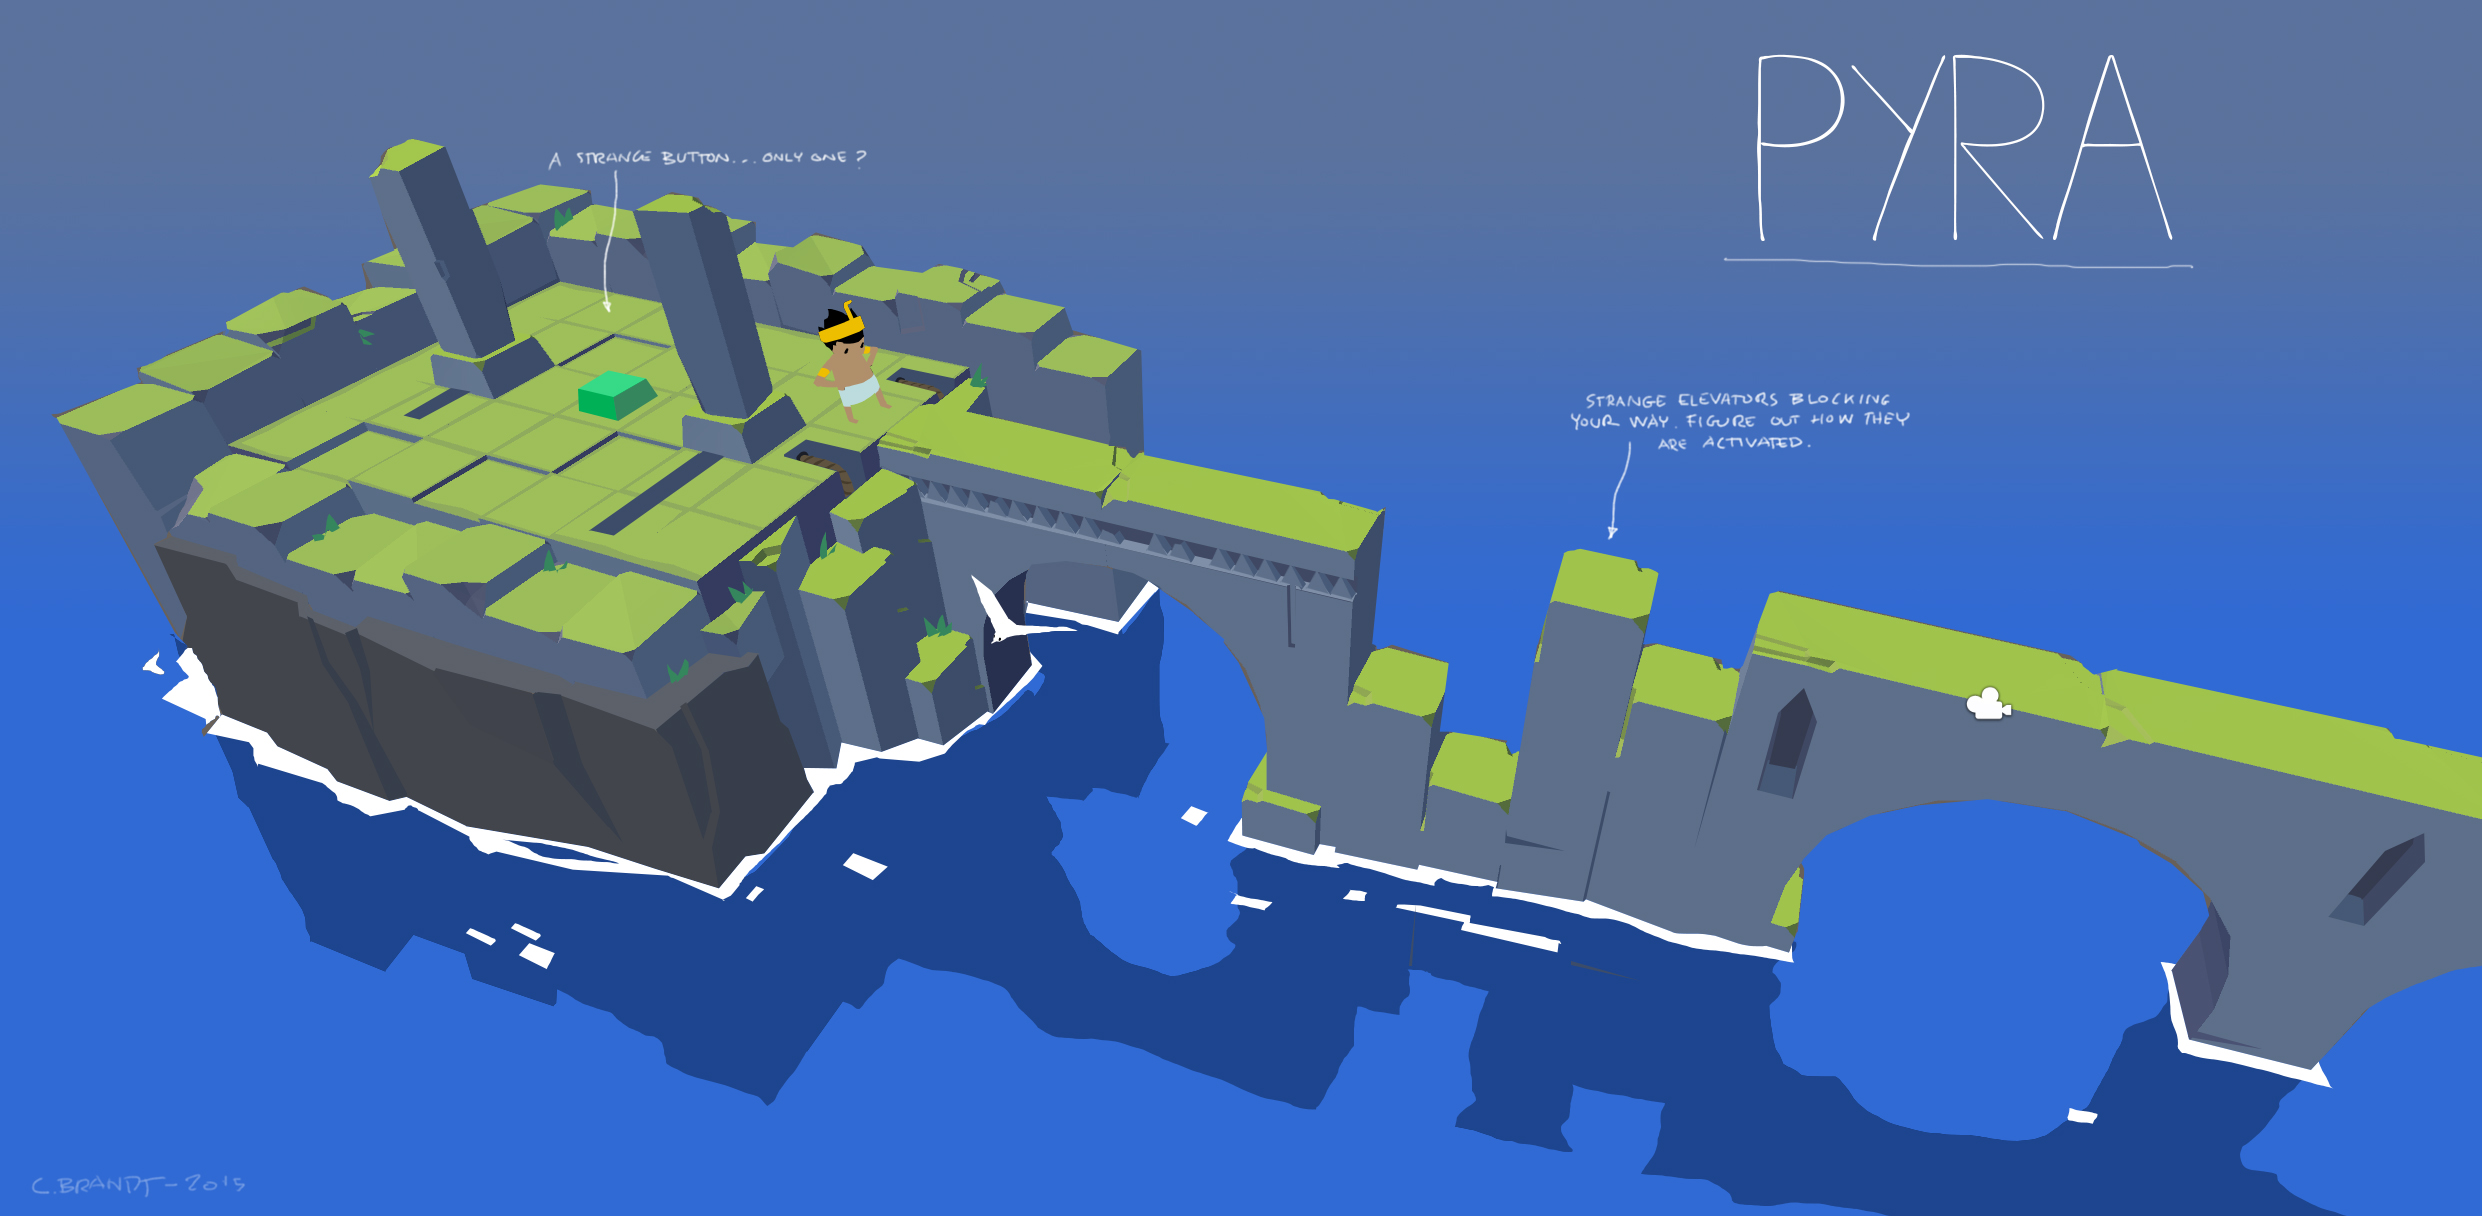 Pyra leveldesign - concept 1